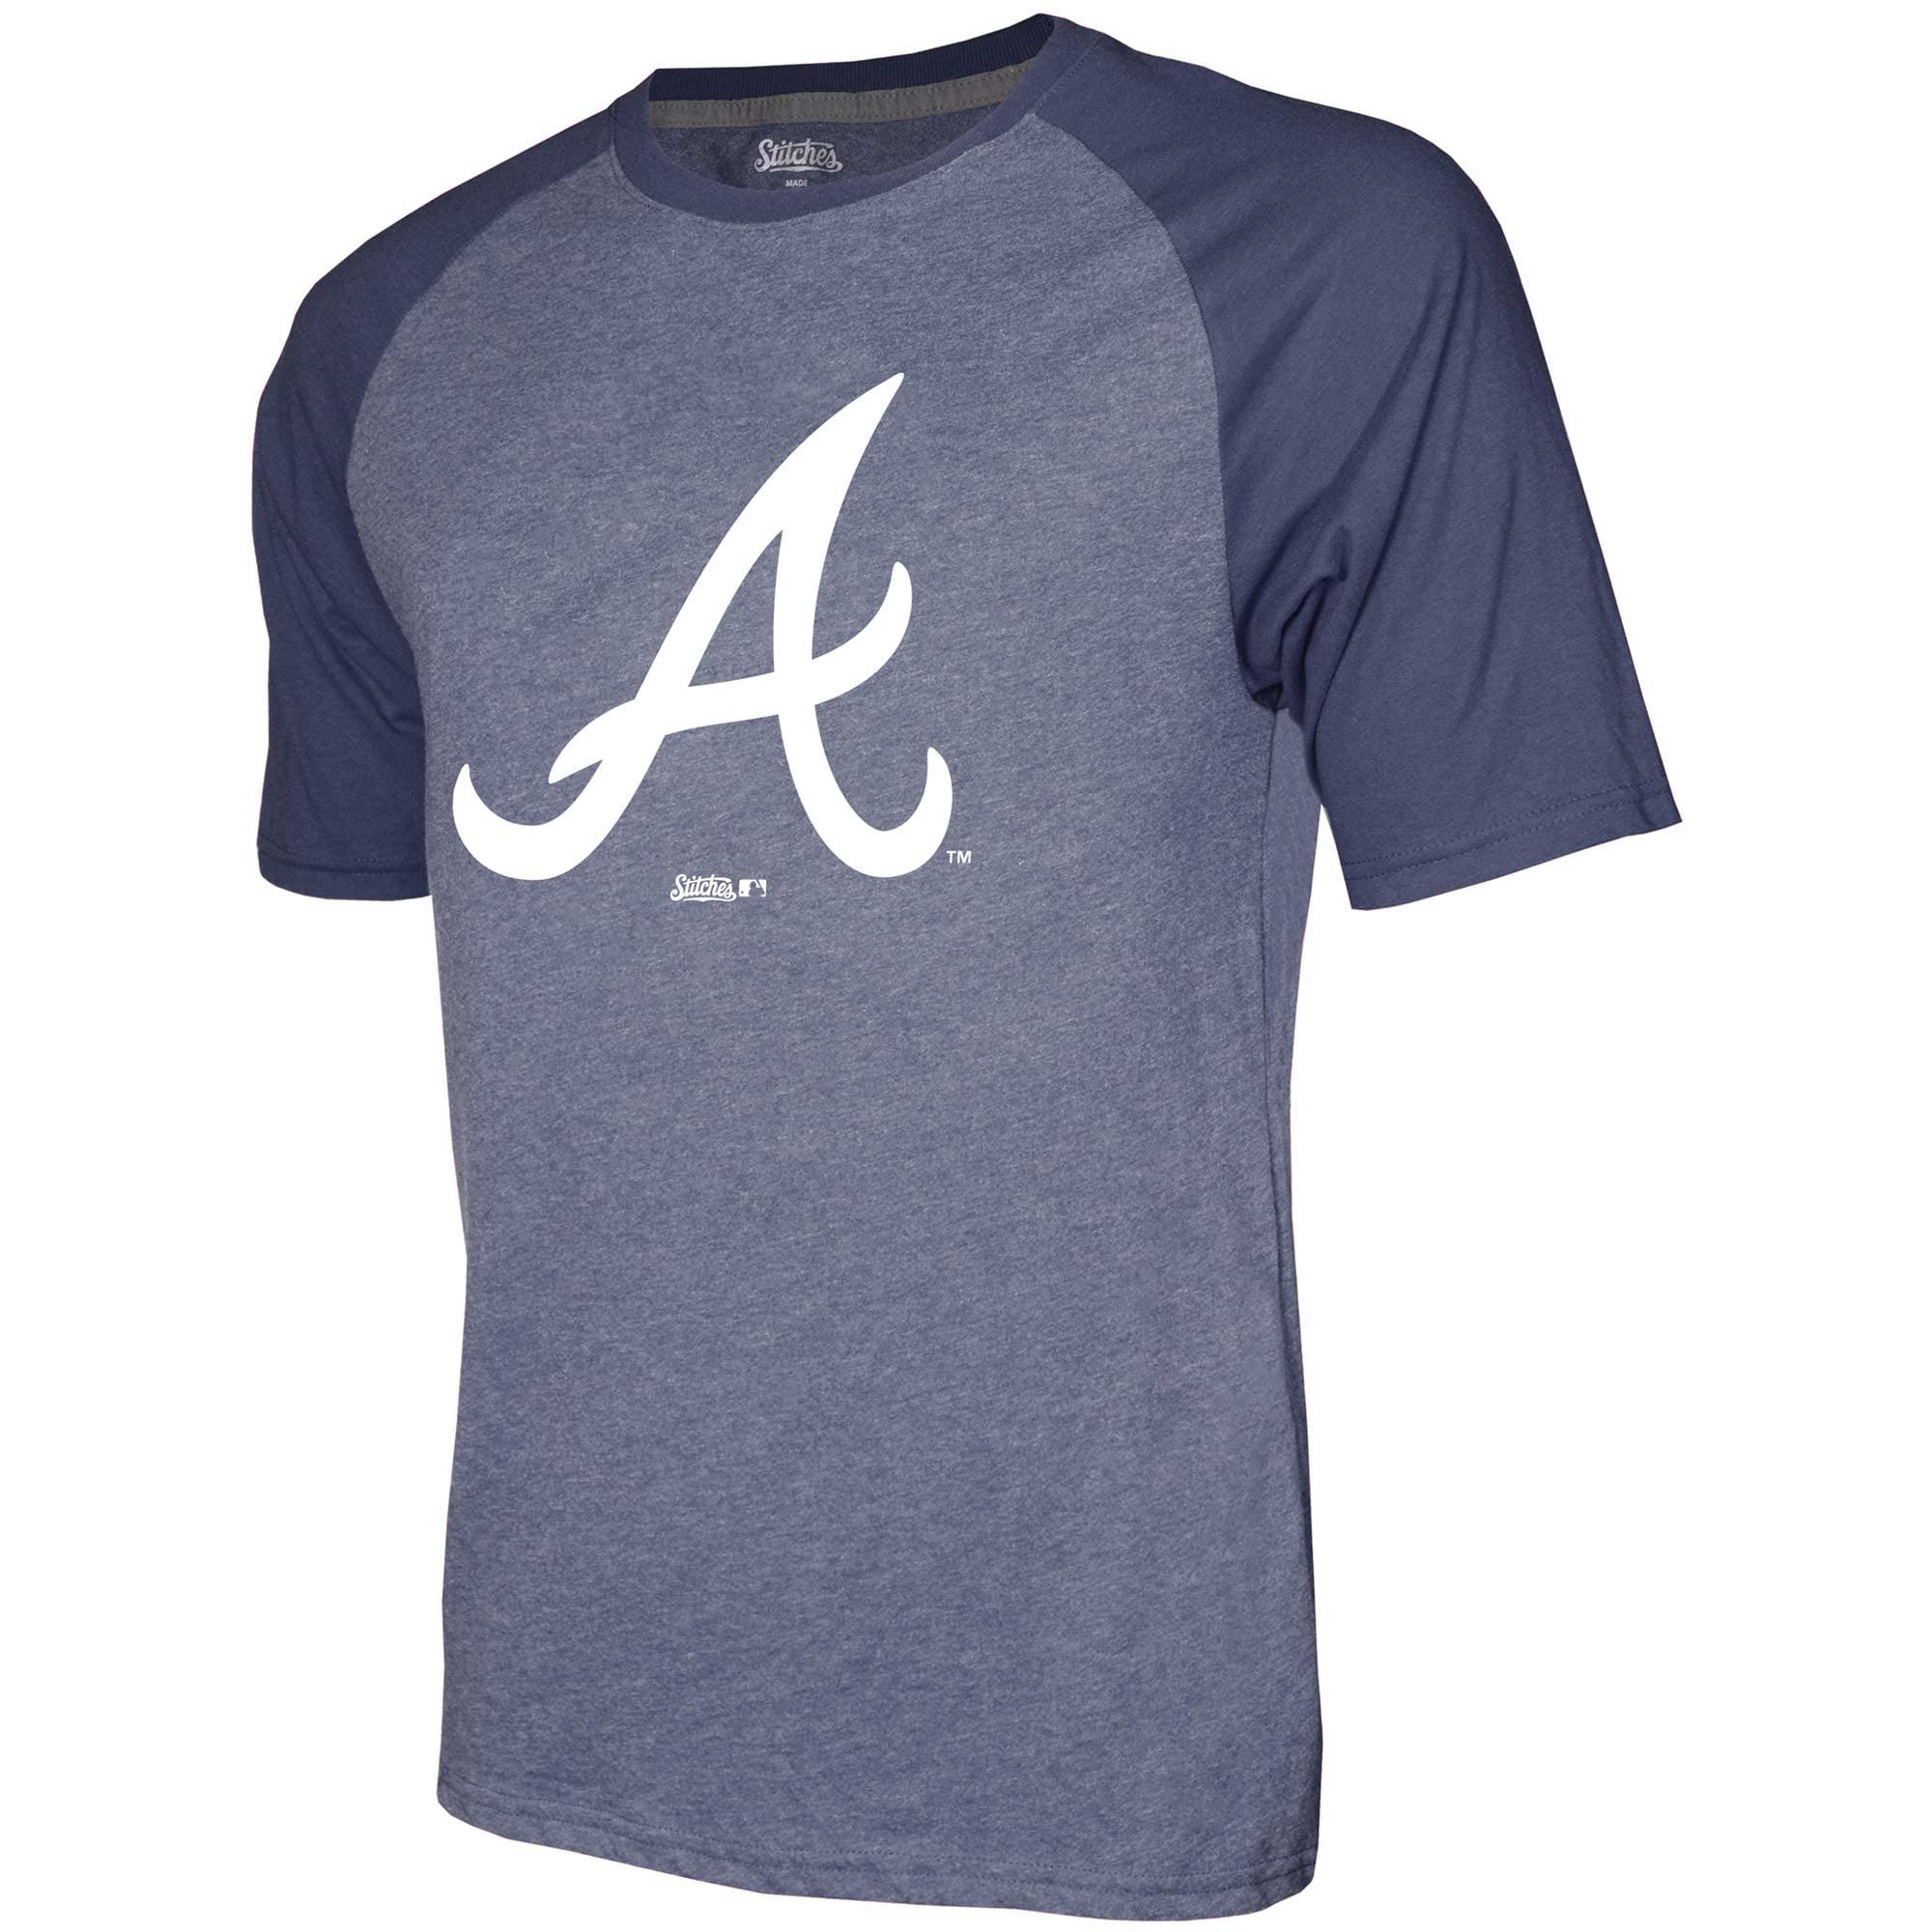 Atlanta Braves Stitches Team Logo Raglan T-Shirt - Heathered Navy ...